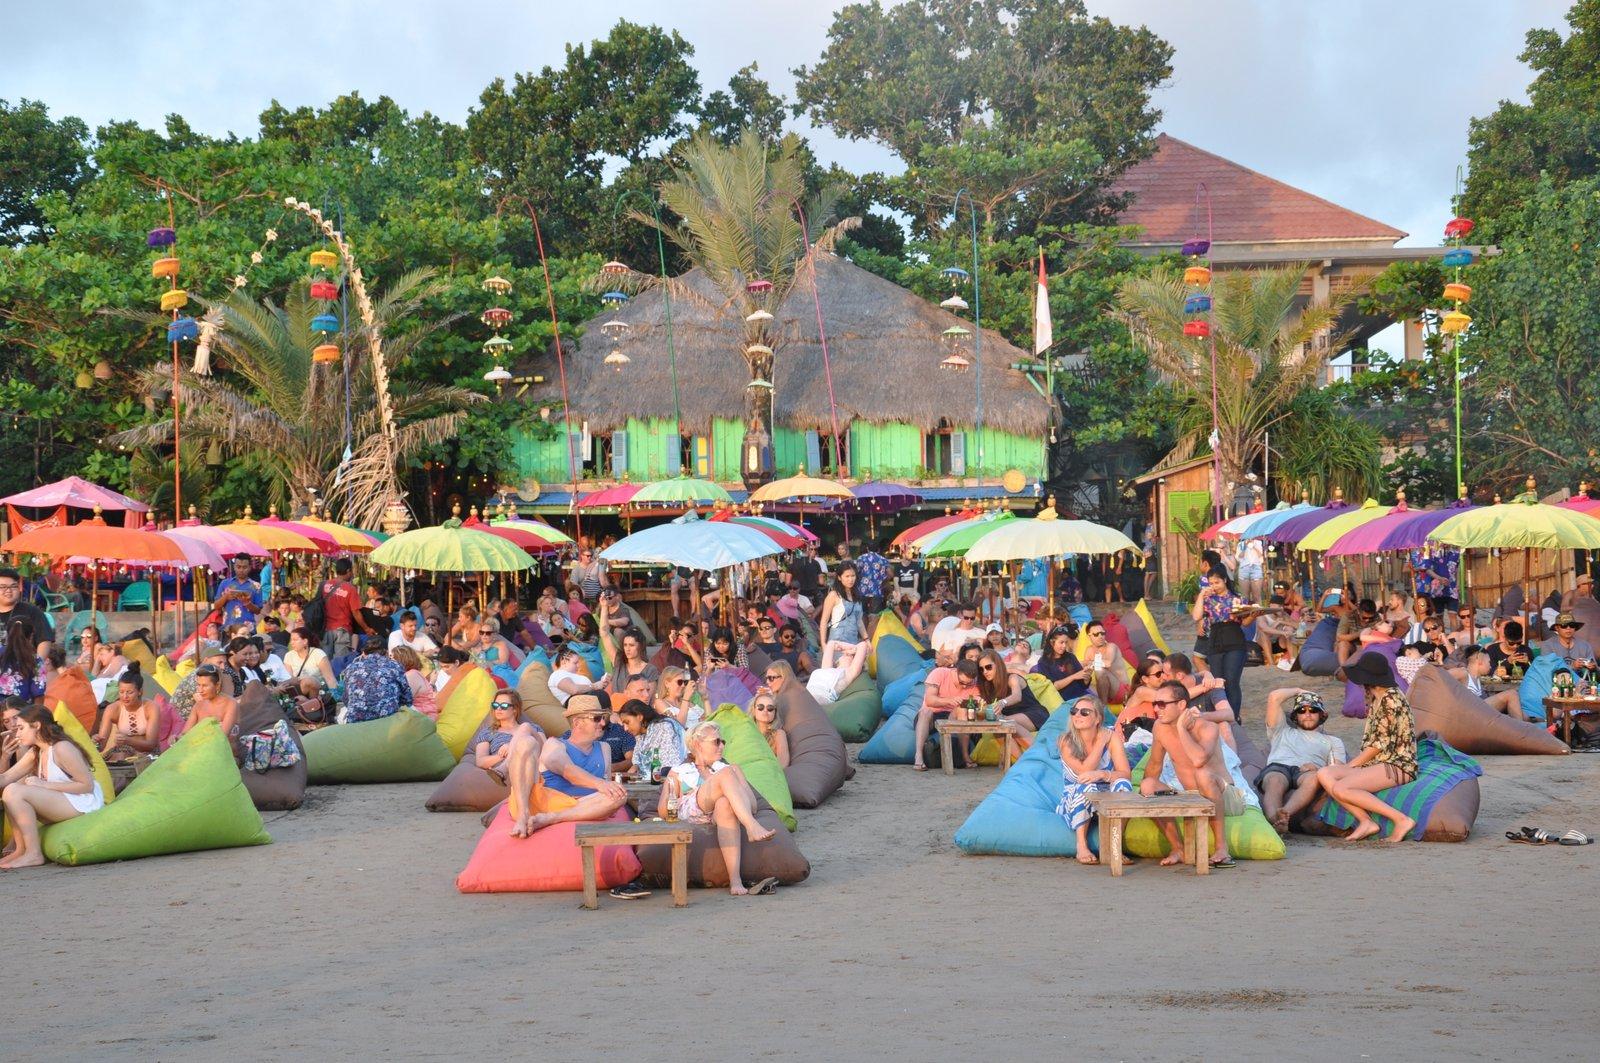 La Plancha sur la plage de Seminyak à Bali